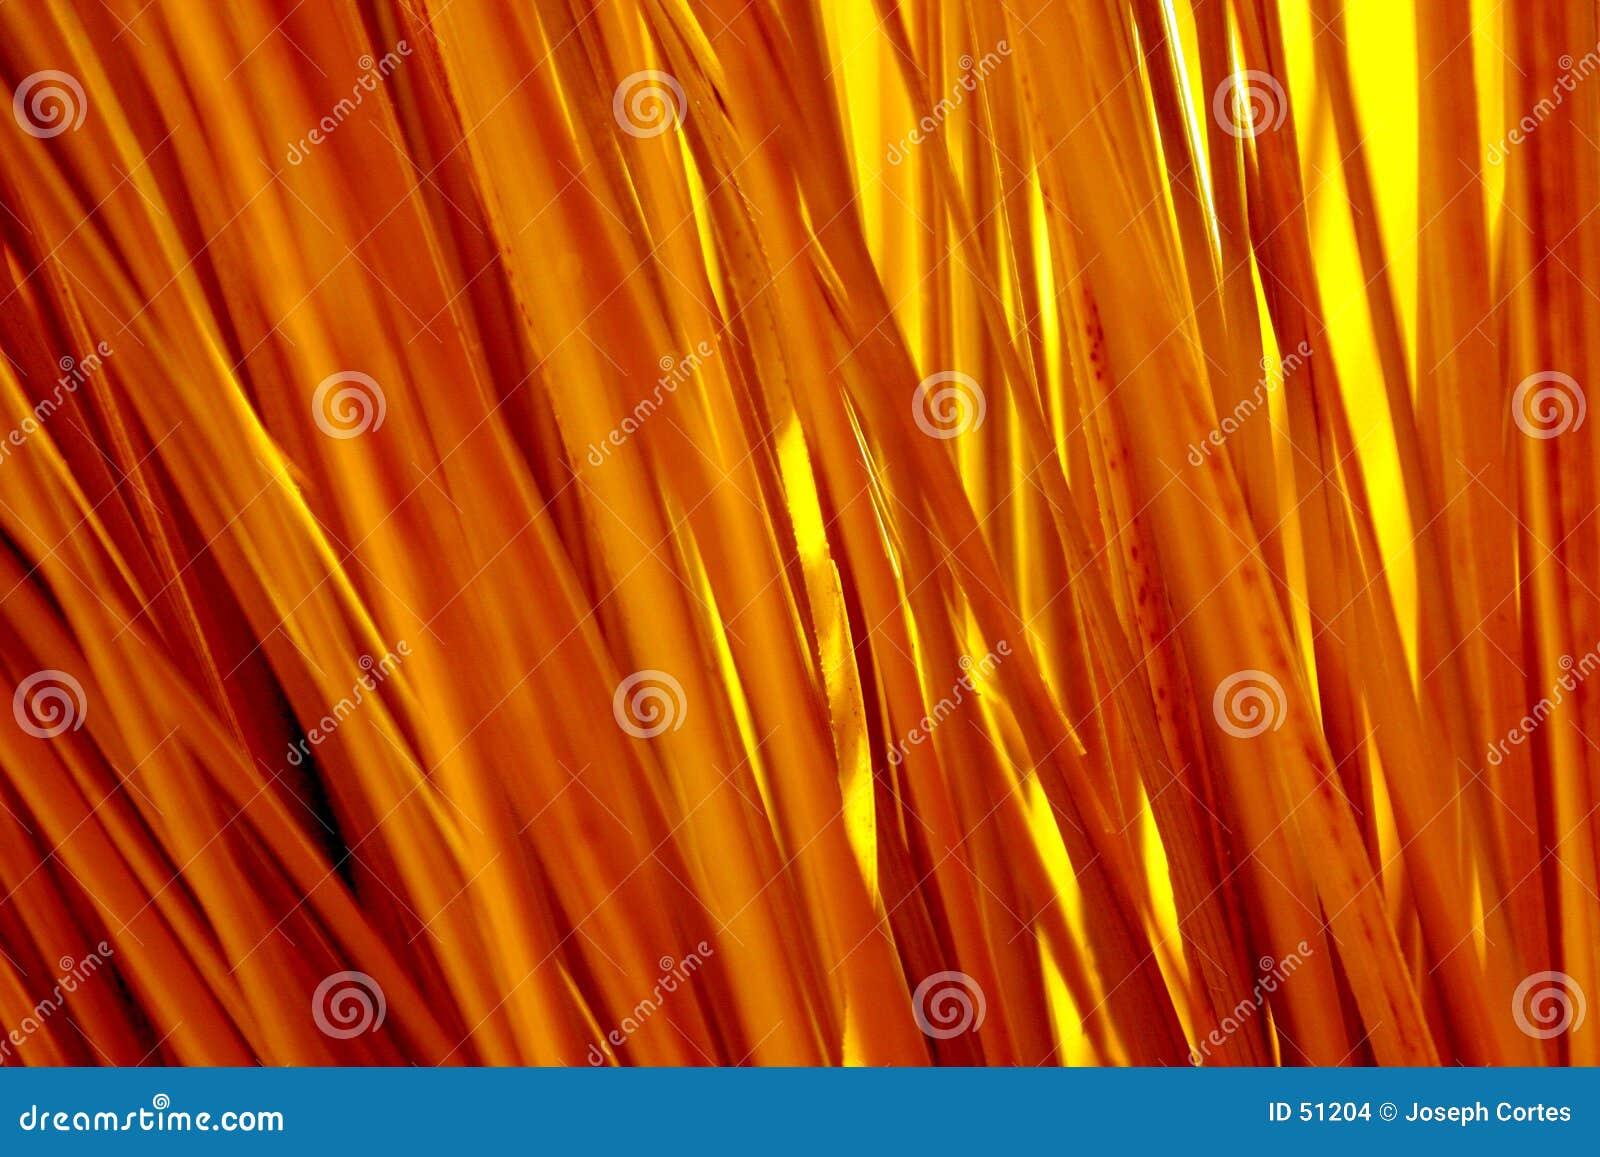 Helder kleuren geel stro